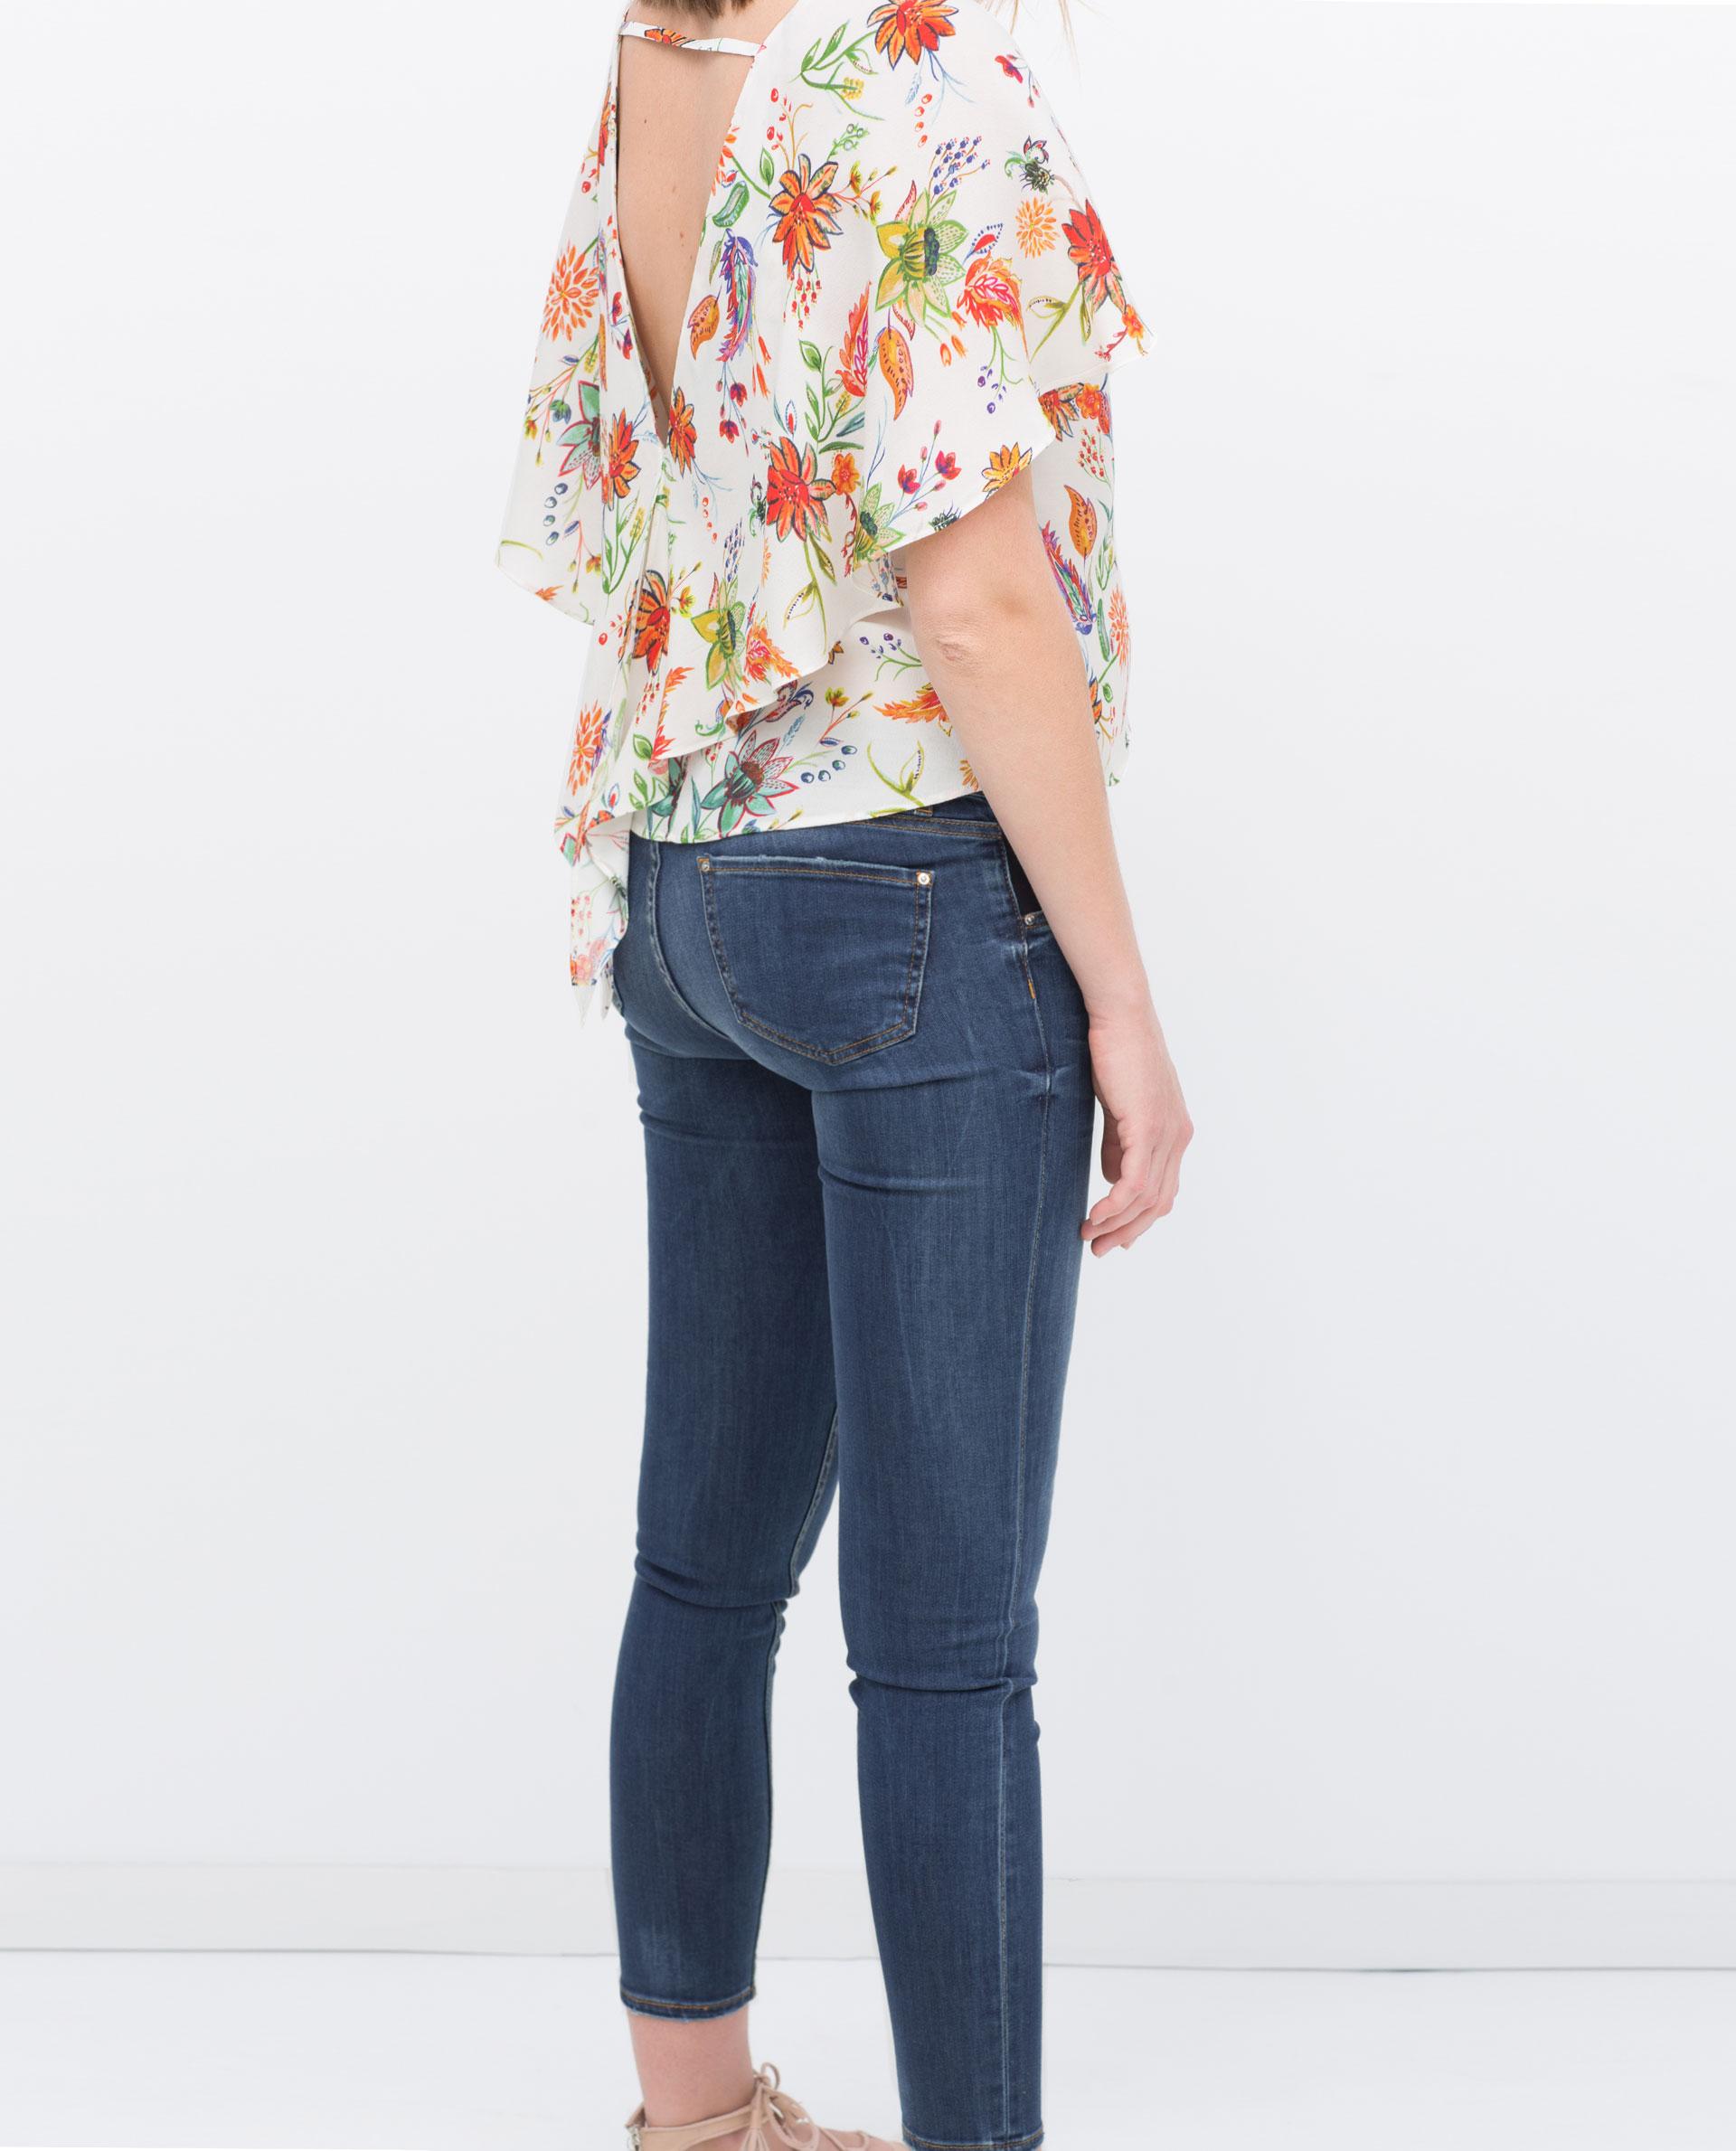 Zara Skinny Maternity Jeans in Blue